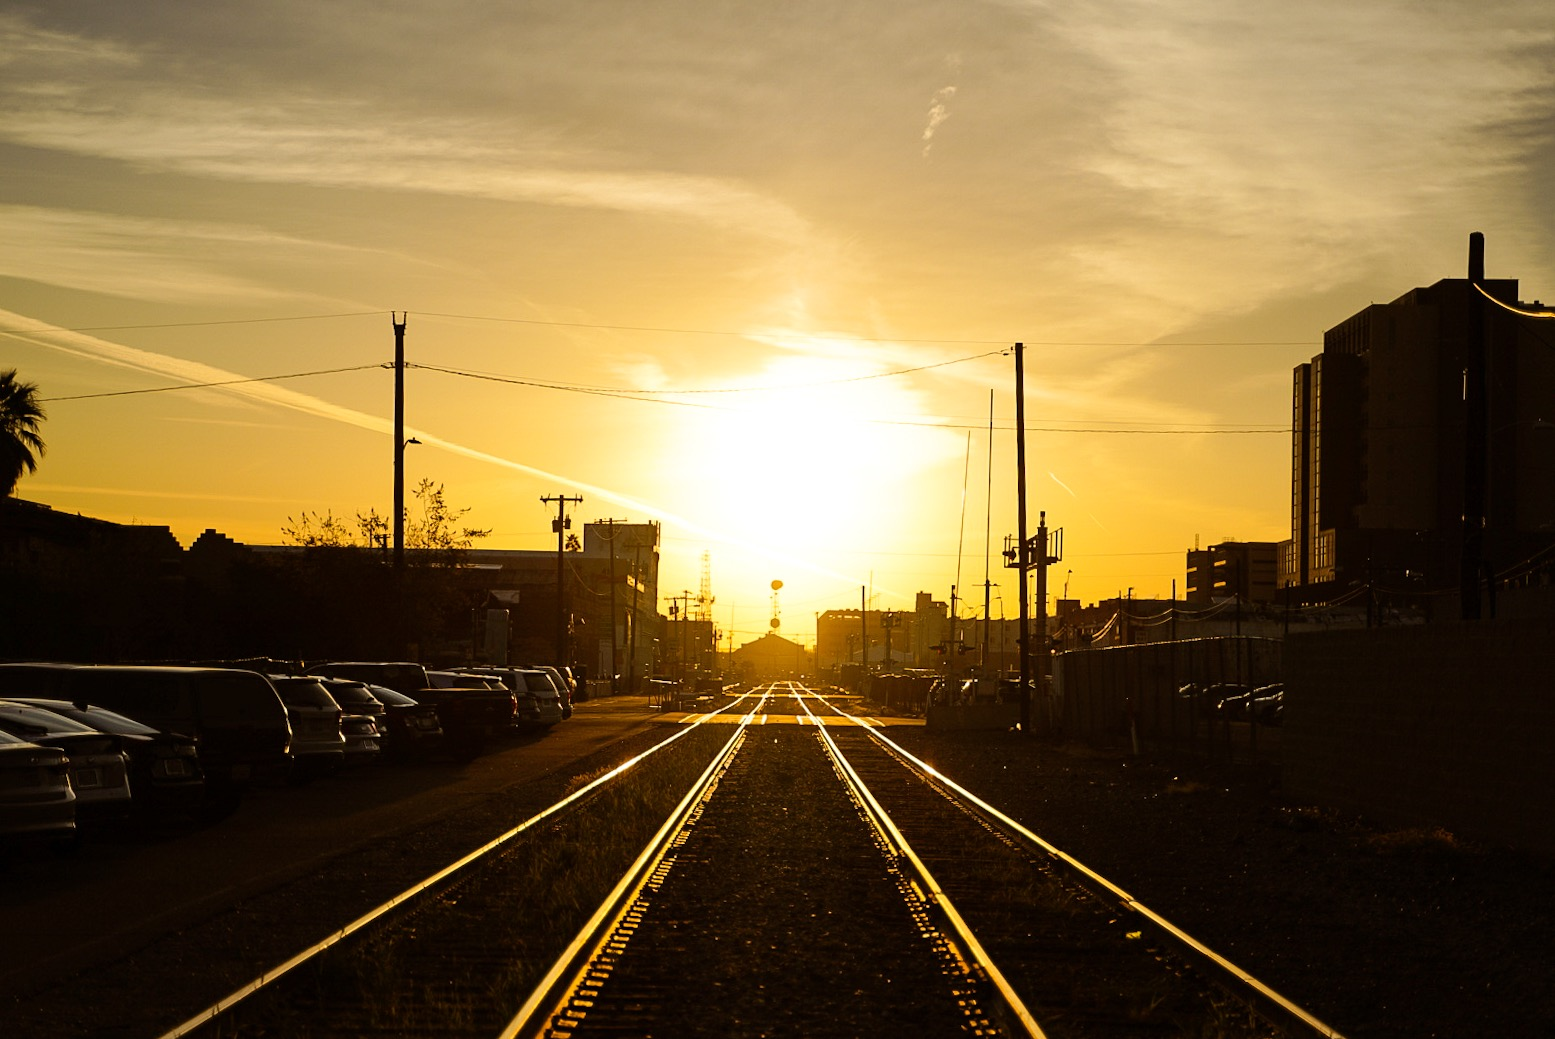 Arizona Train Track